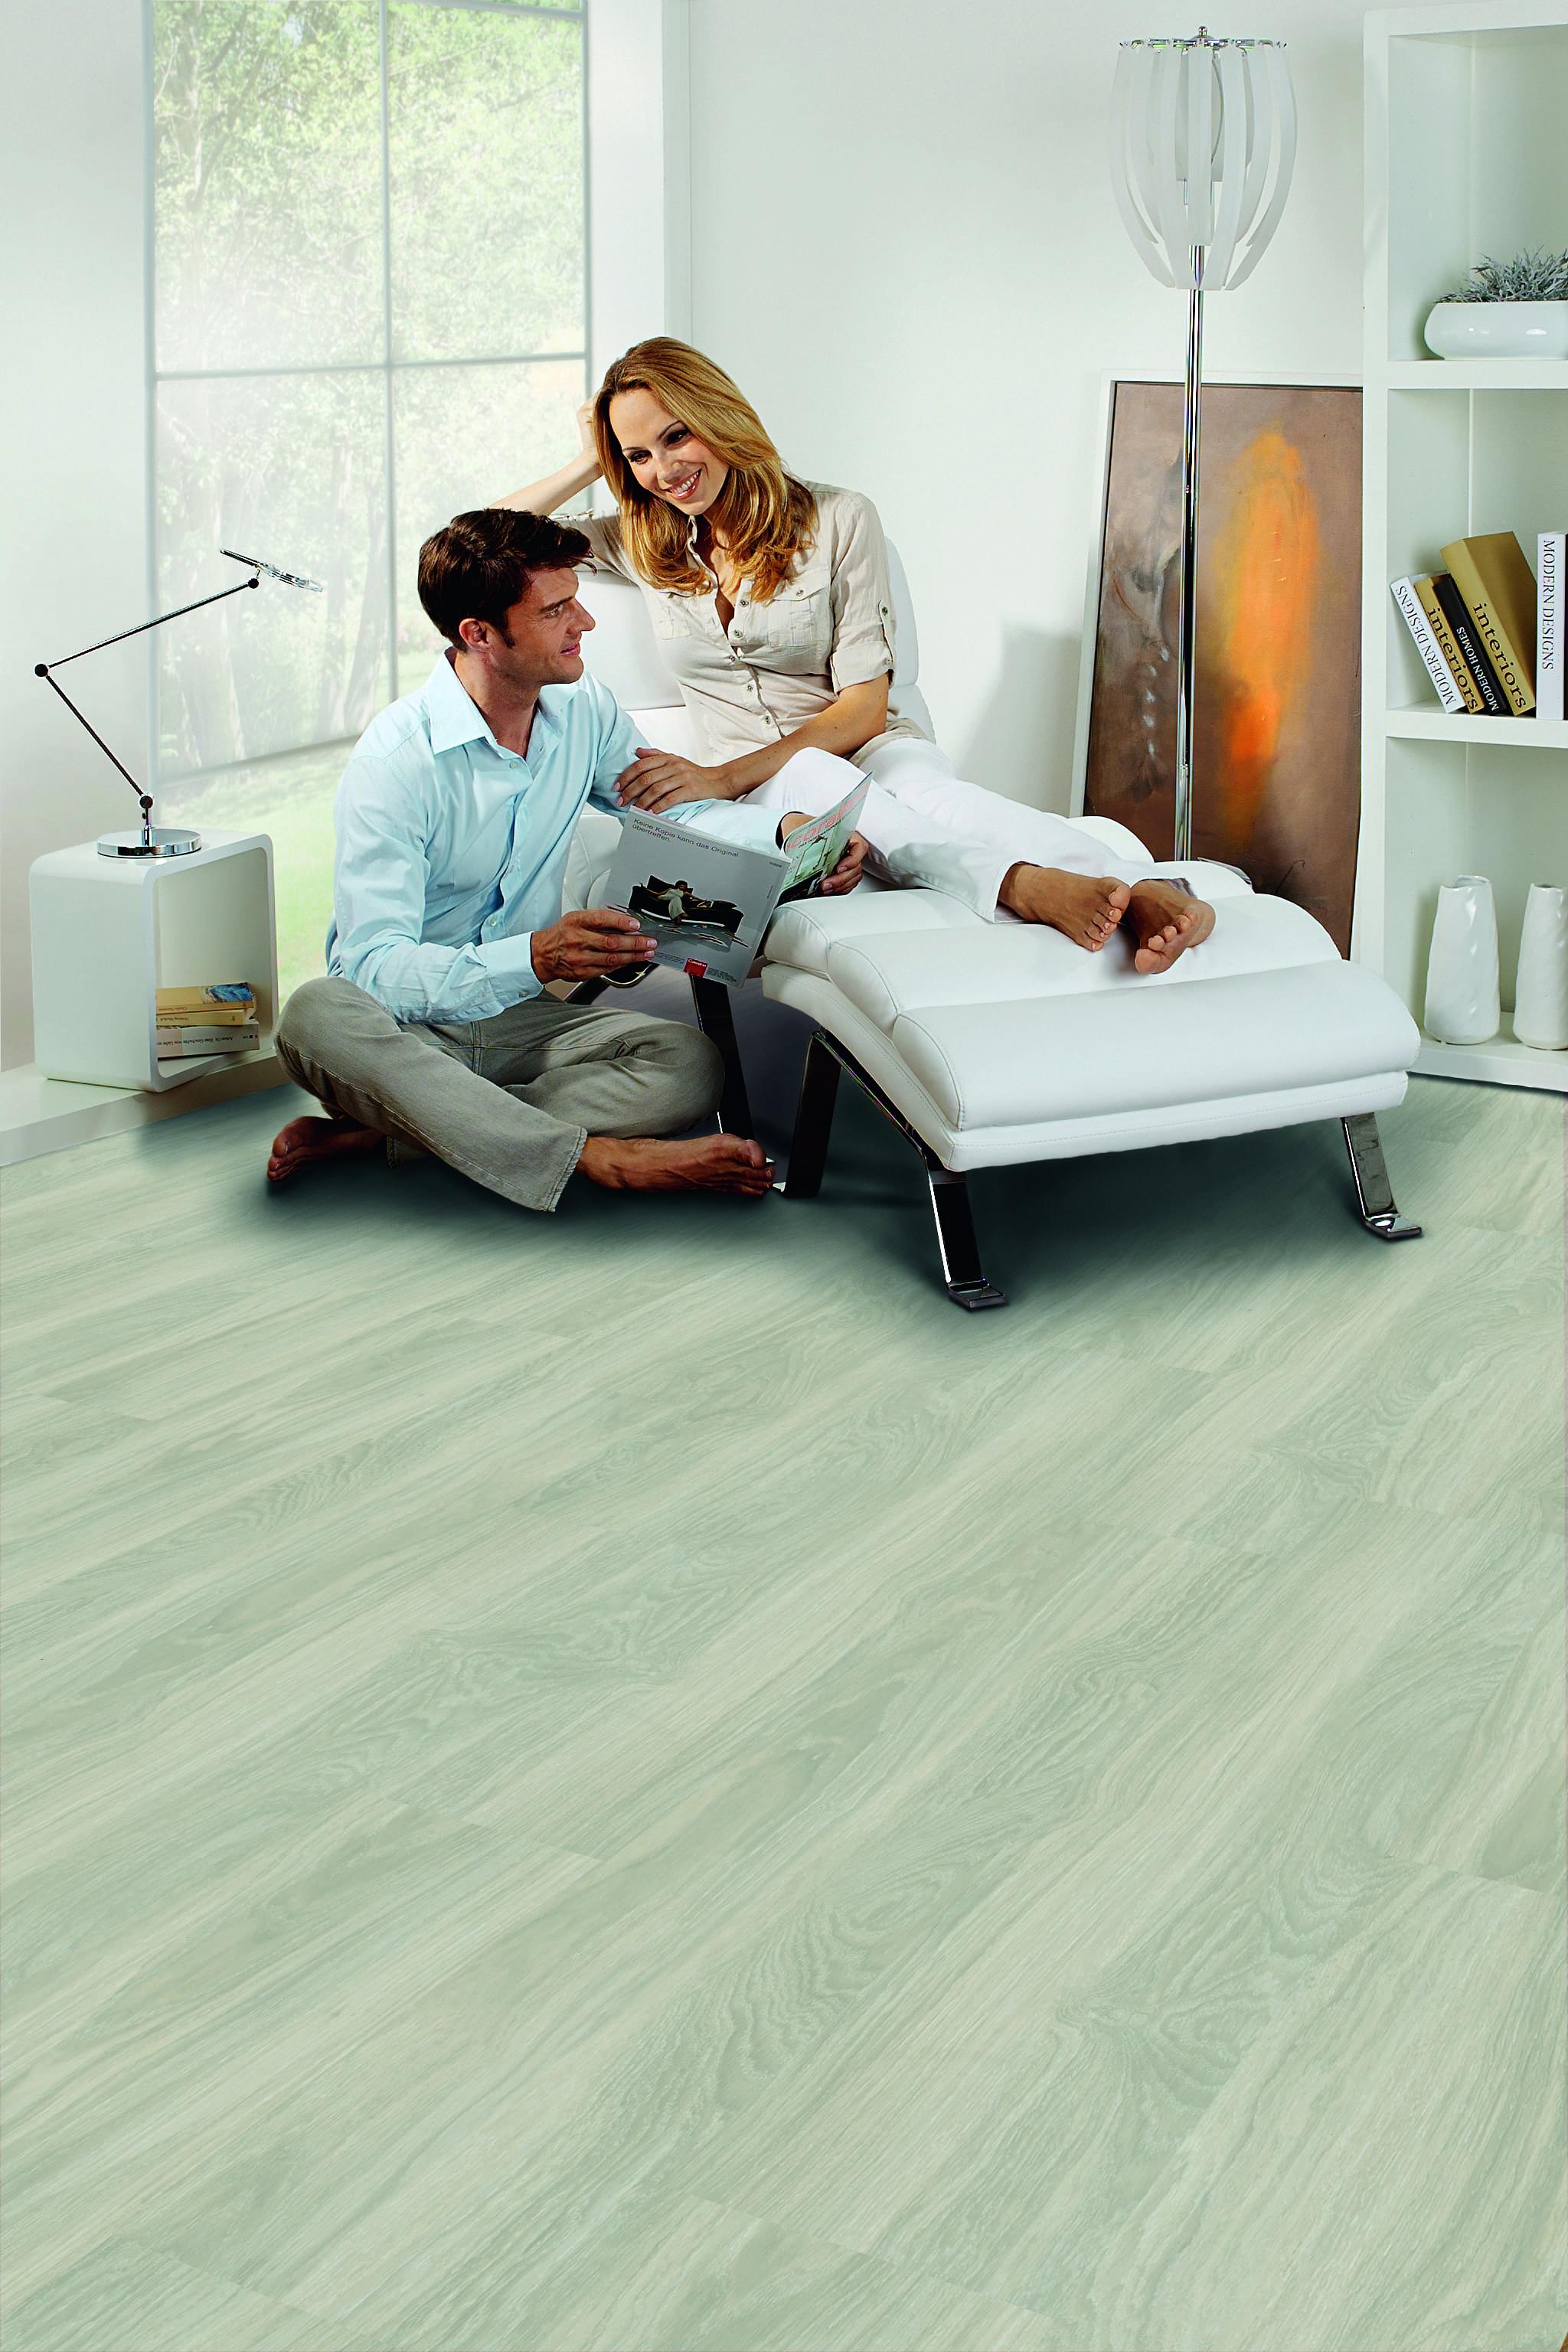 vintage erscheinungsbild vinylboden kleben vinylboden raumtrend hinze. Black Bedroom Furniture Sets. Home Design Ideas